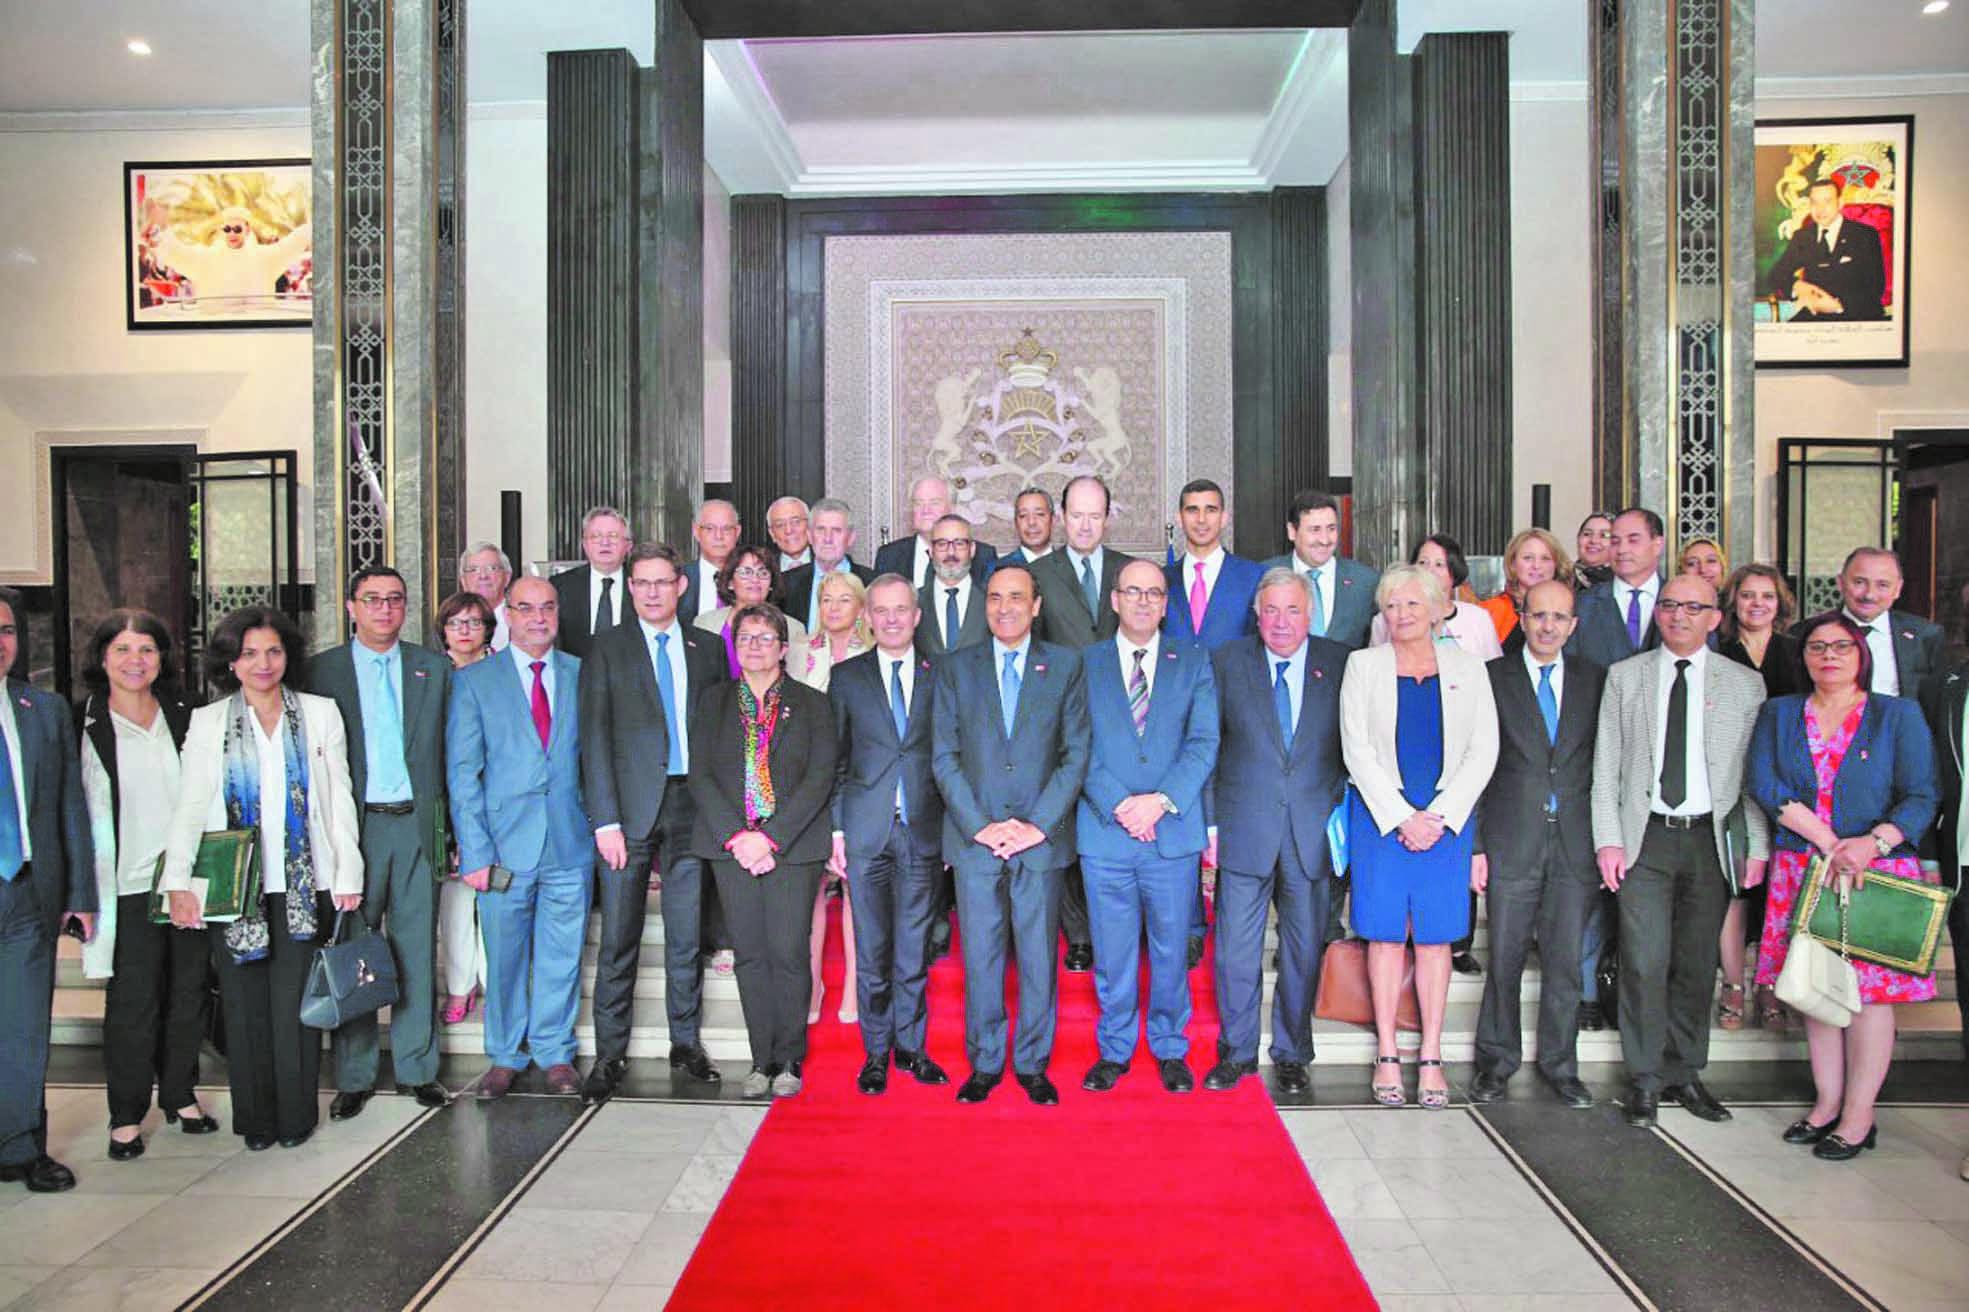 Clôture à Rabat des travaux du Forum parlementaire Maroc-France